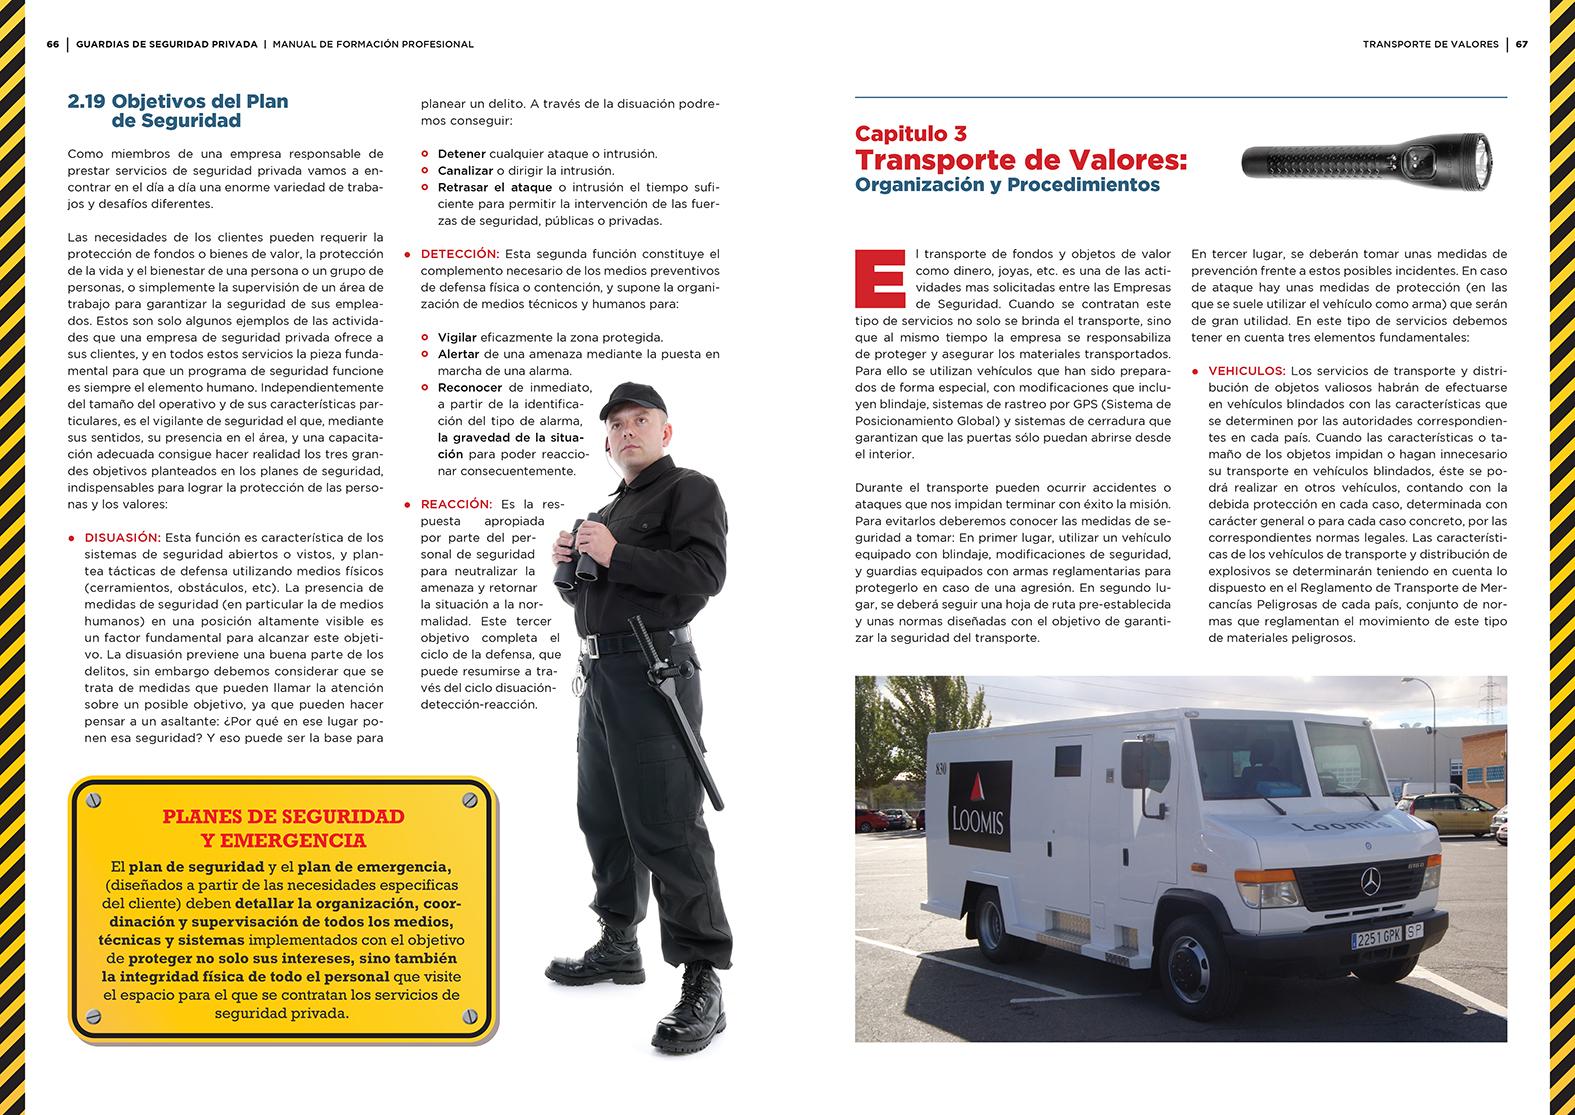 Guardias_SEGURIDAD_5.jpg